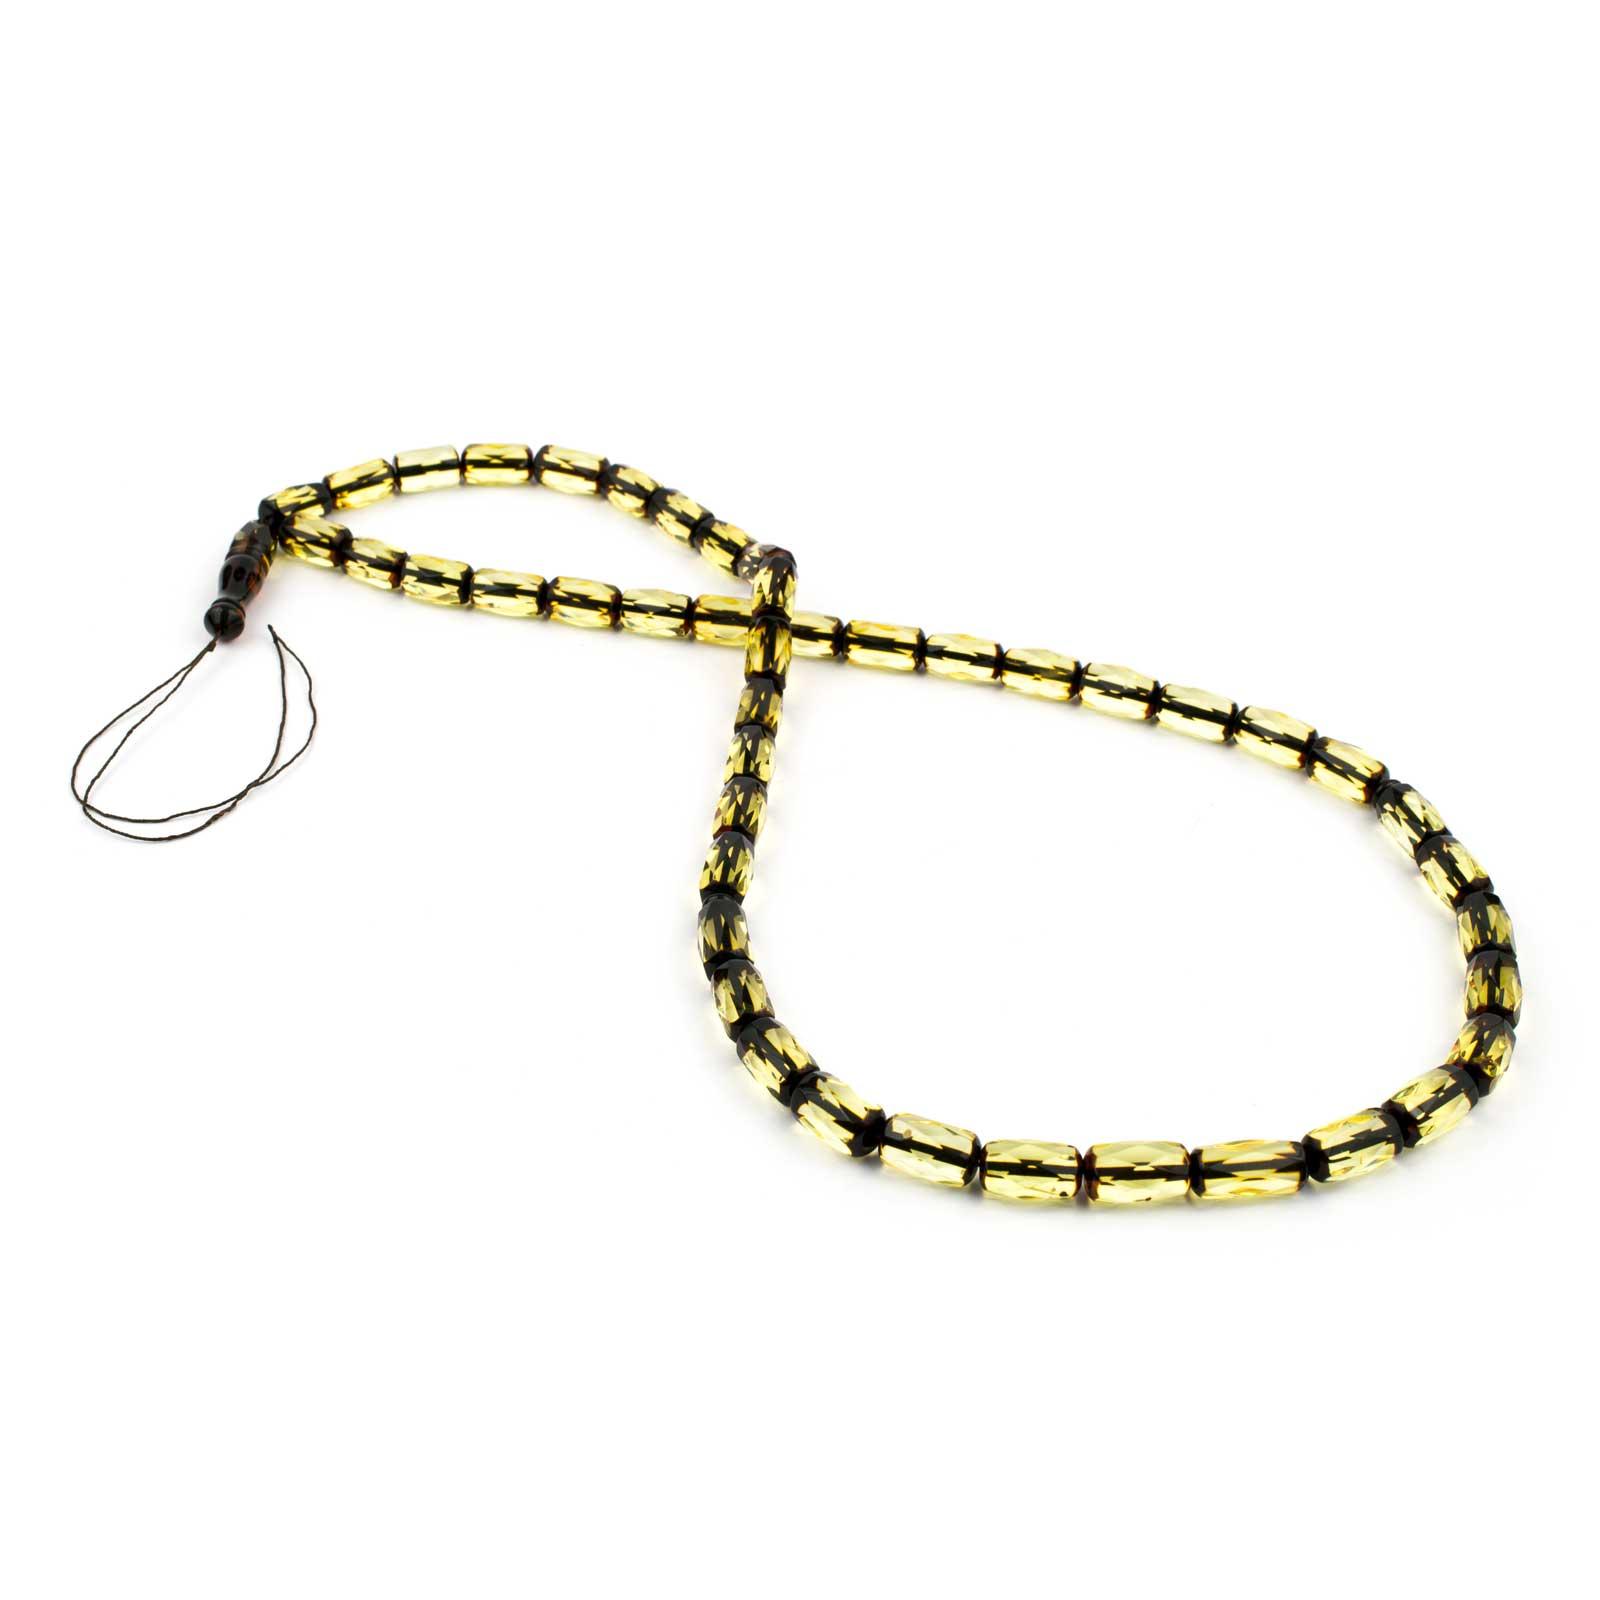 Faceted Lemon Amber Prayer Beads